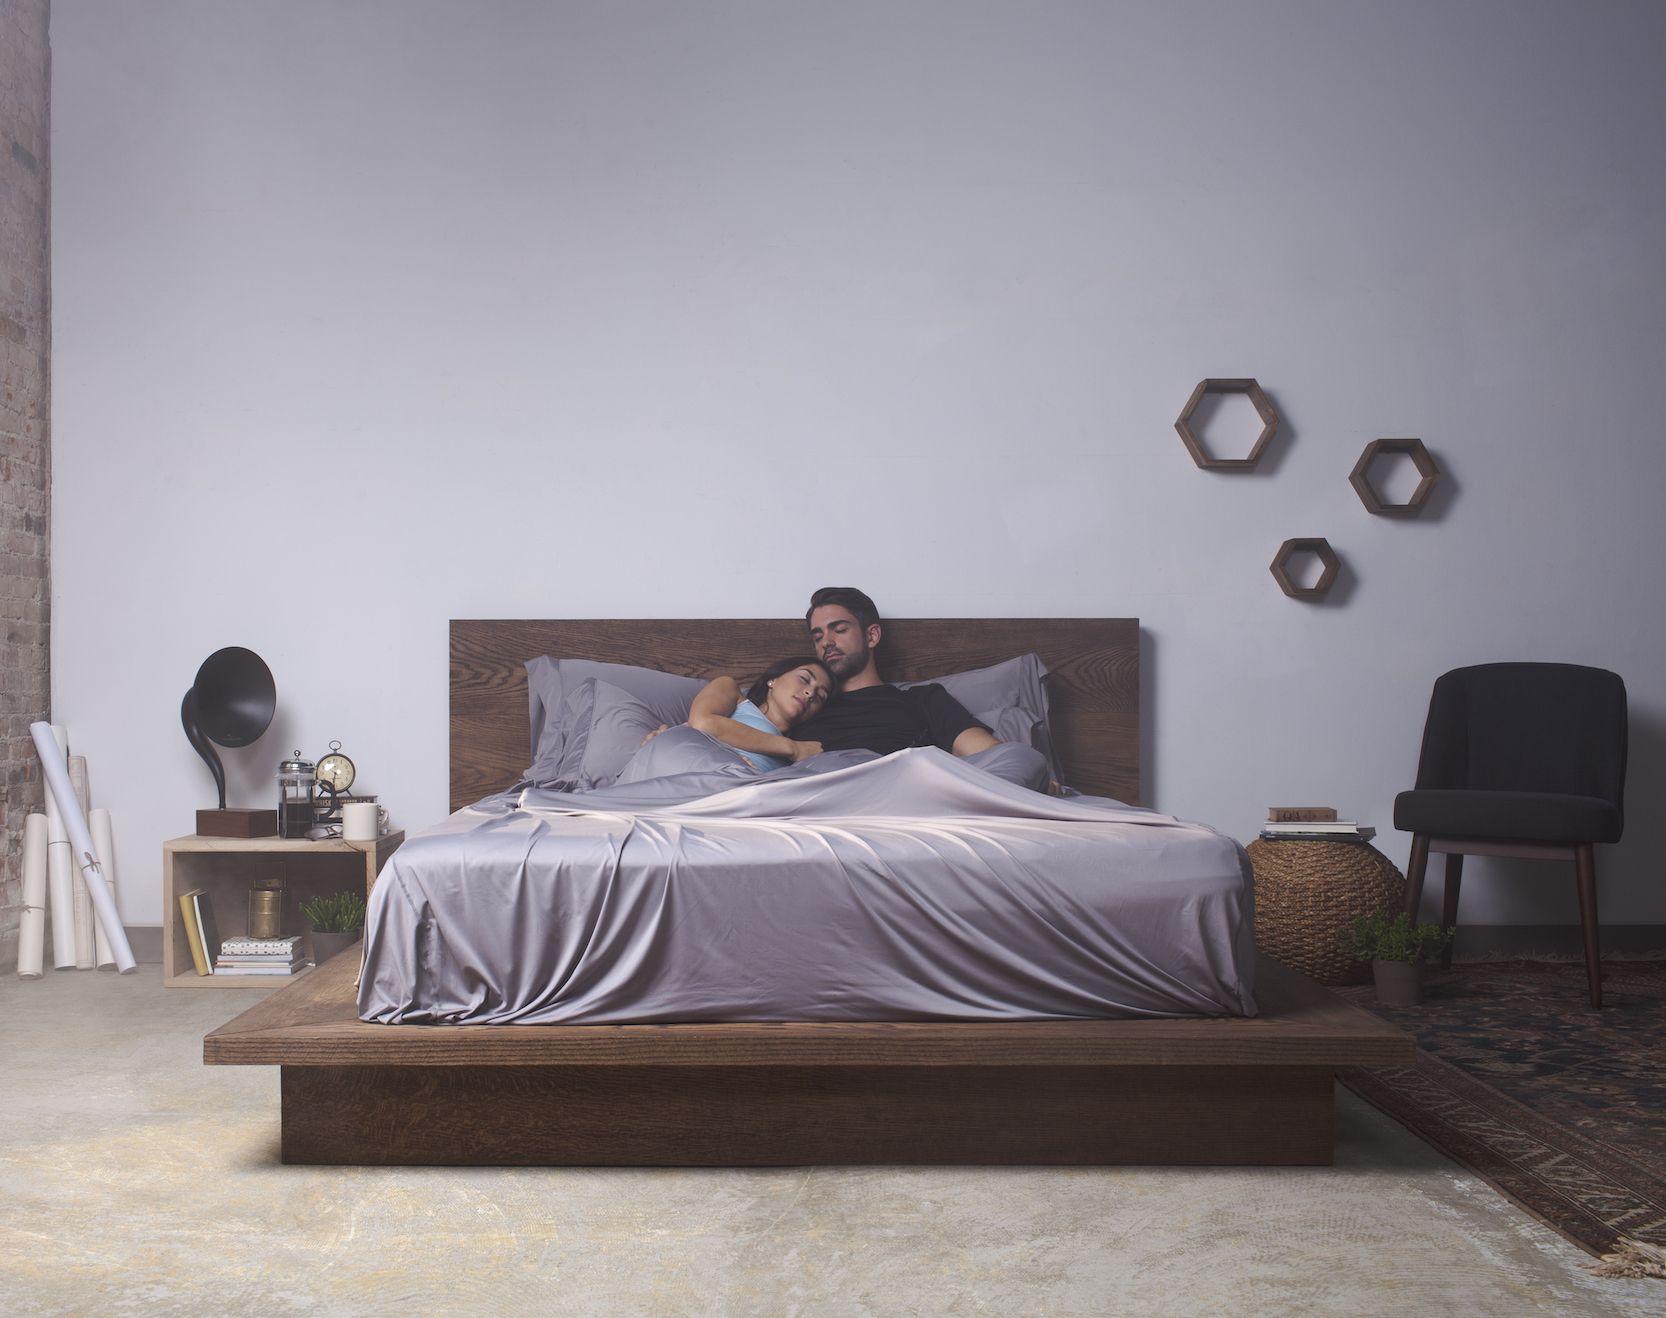 Sleep Cooler With SHEEX® SHEEX Blog Sleep, Bed, Cooler